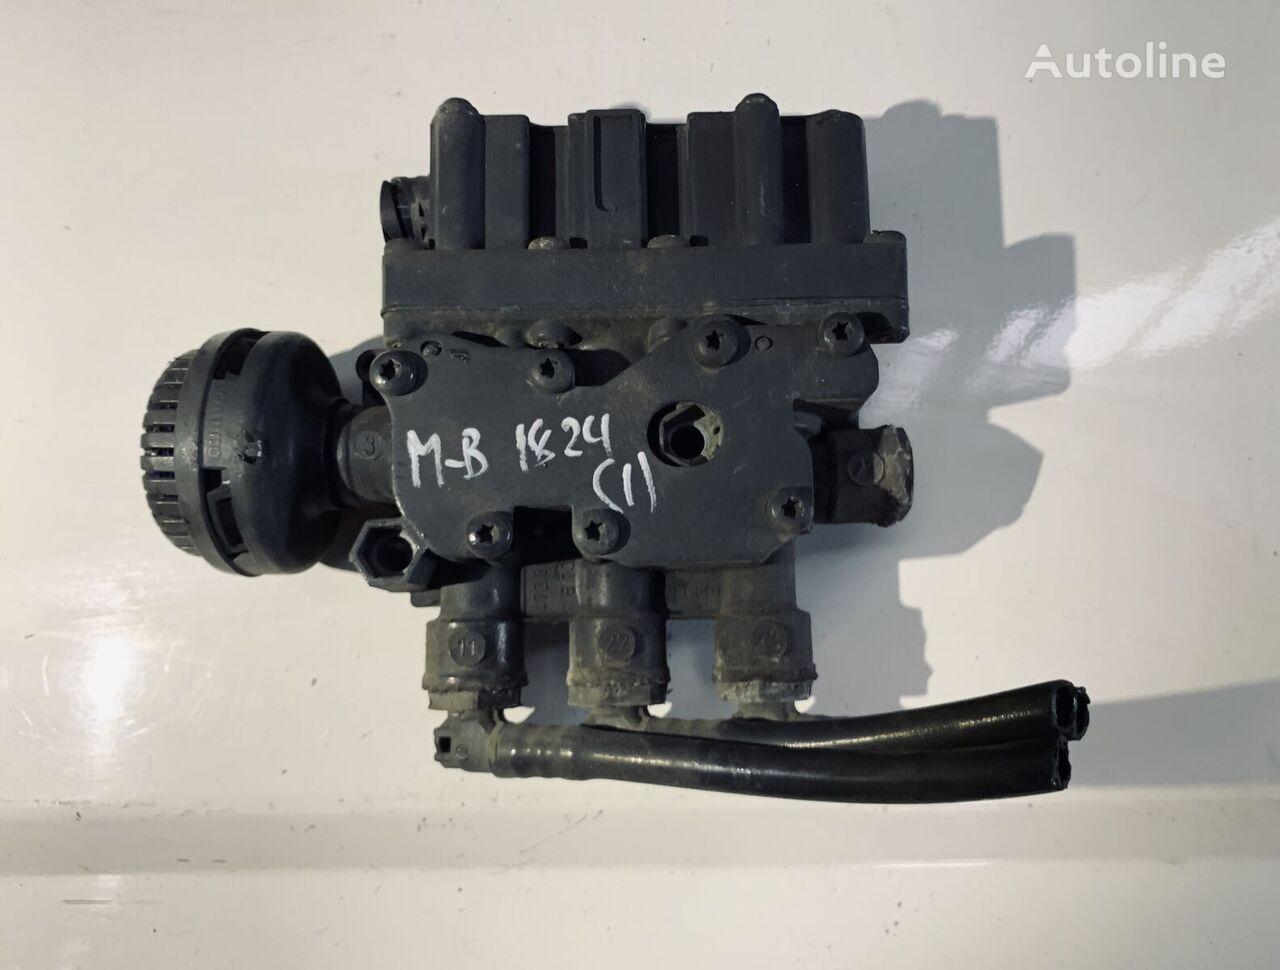 MERCEDES-BENZ 1824 pneumatic valve for truck